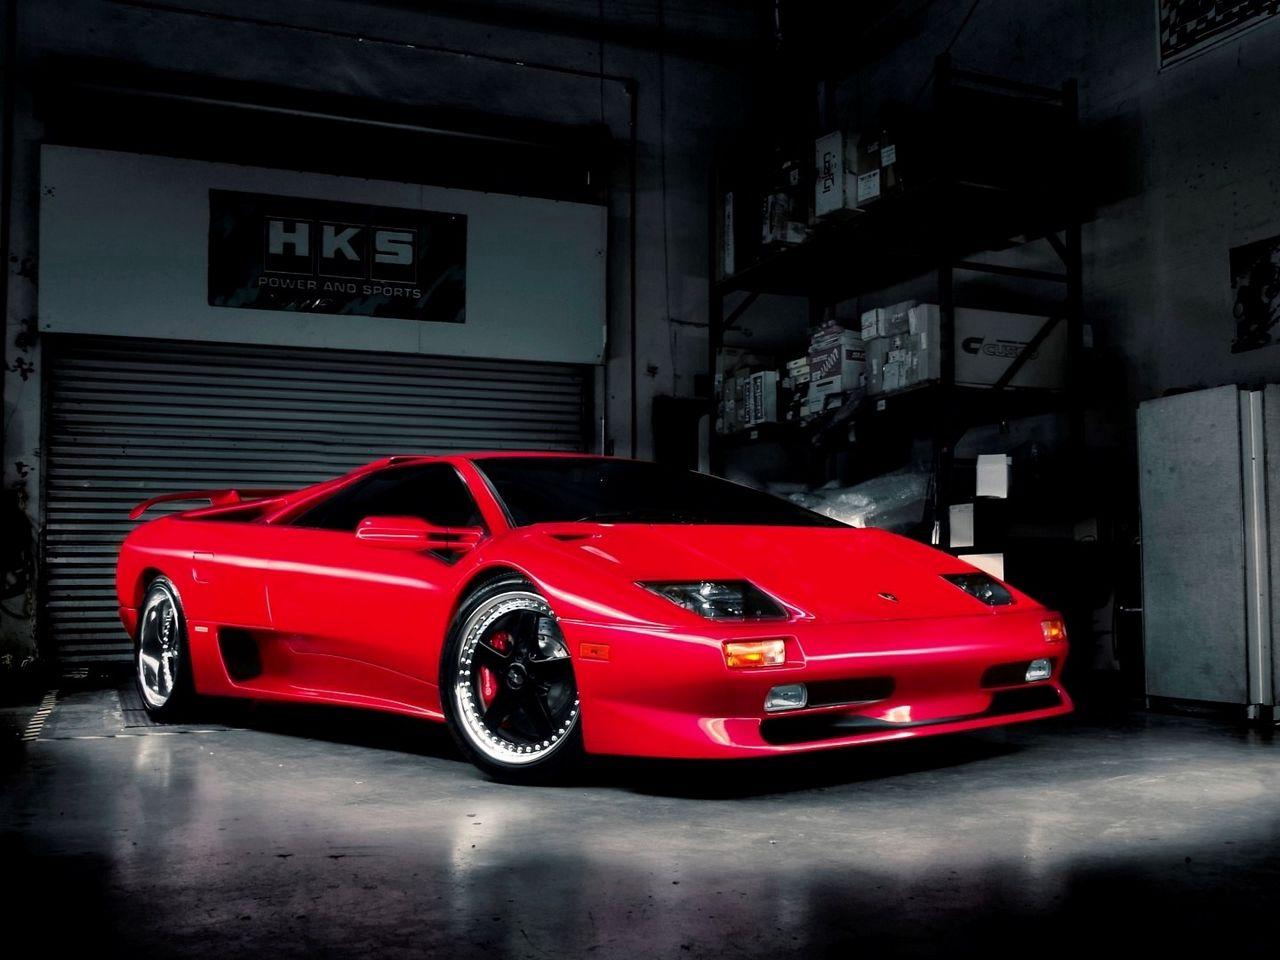 1280x960 Wallpaper red, garage, car, lamborghini